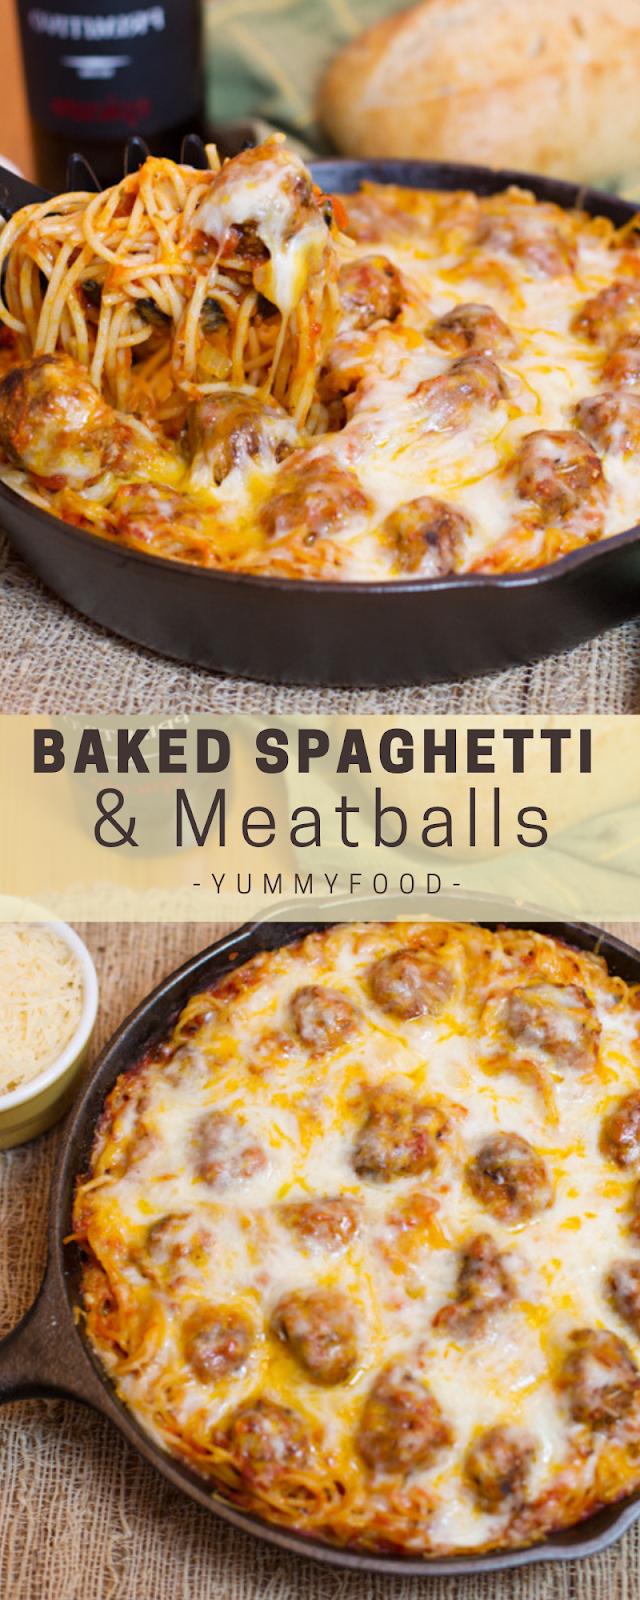 Bаkеd Spaghetti & Mеаtbаllѕ